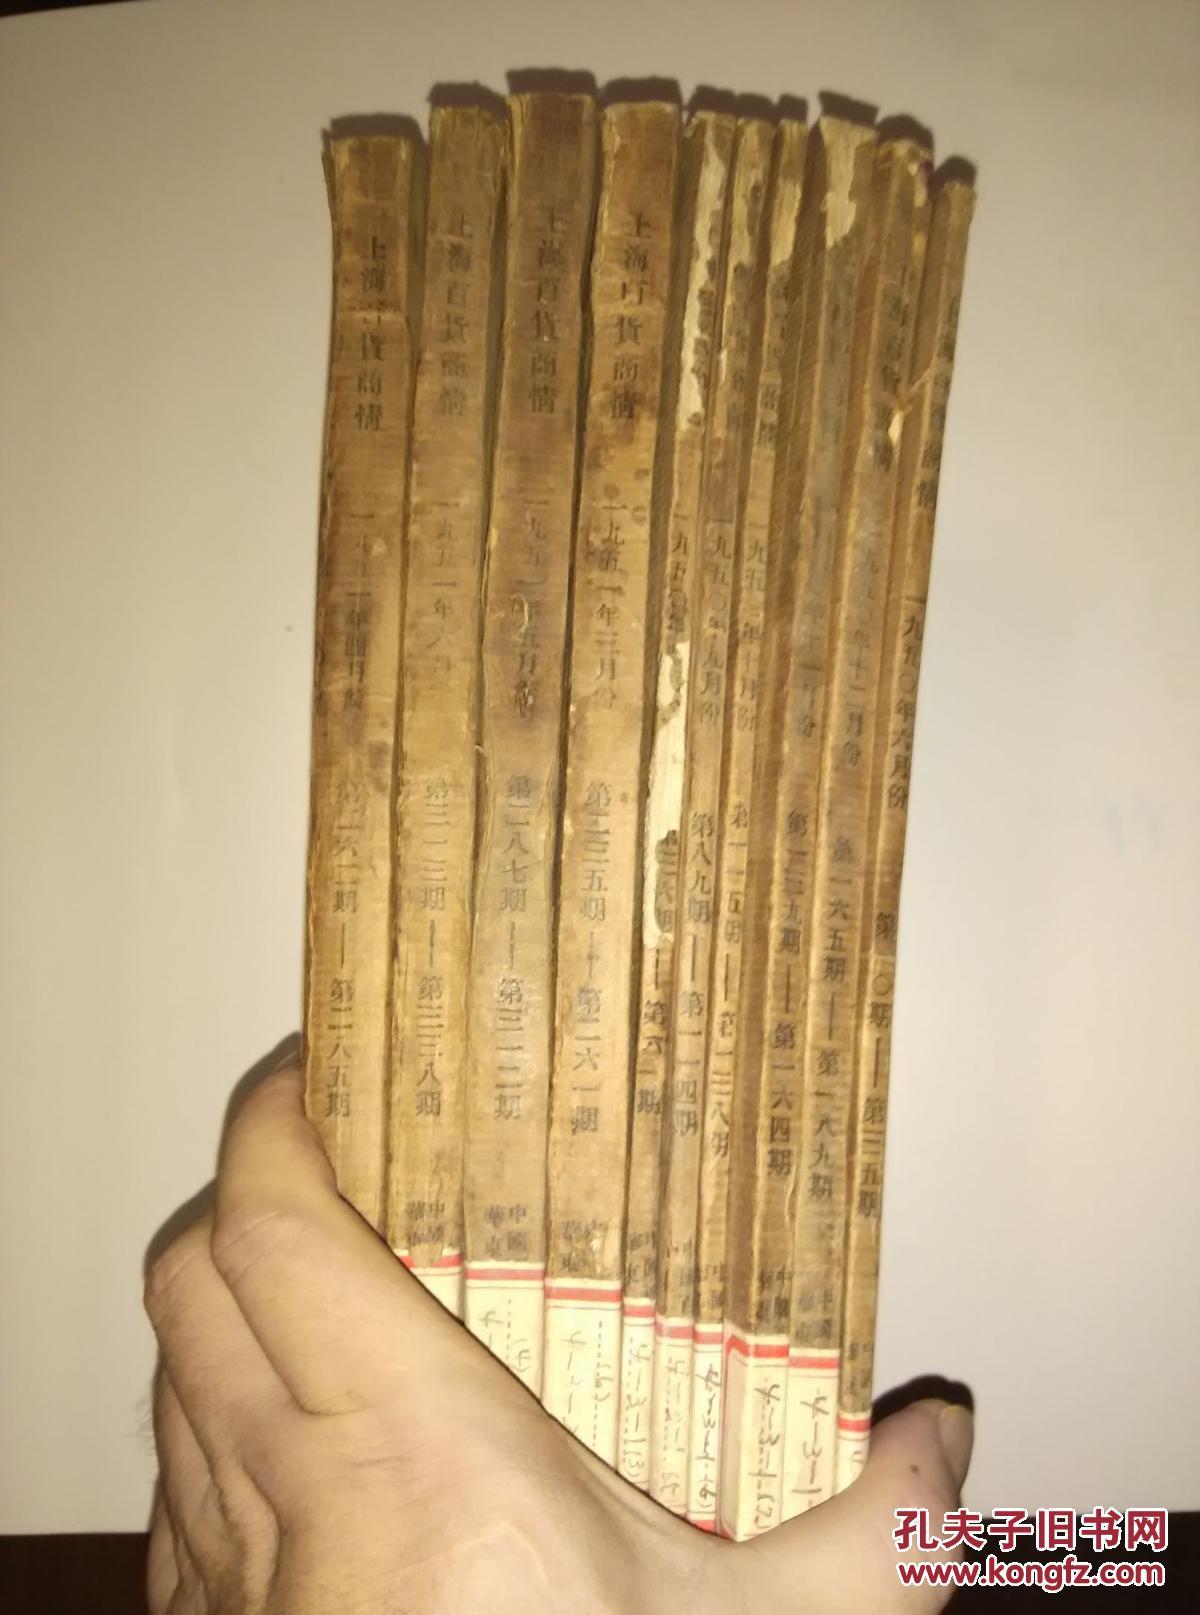 建国初(1950-1951年)上海百货史料:《上海百货商情》——研究上海经济、社会生活、物价的重要史料——10个月254期